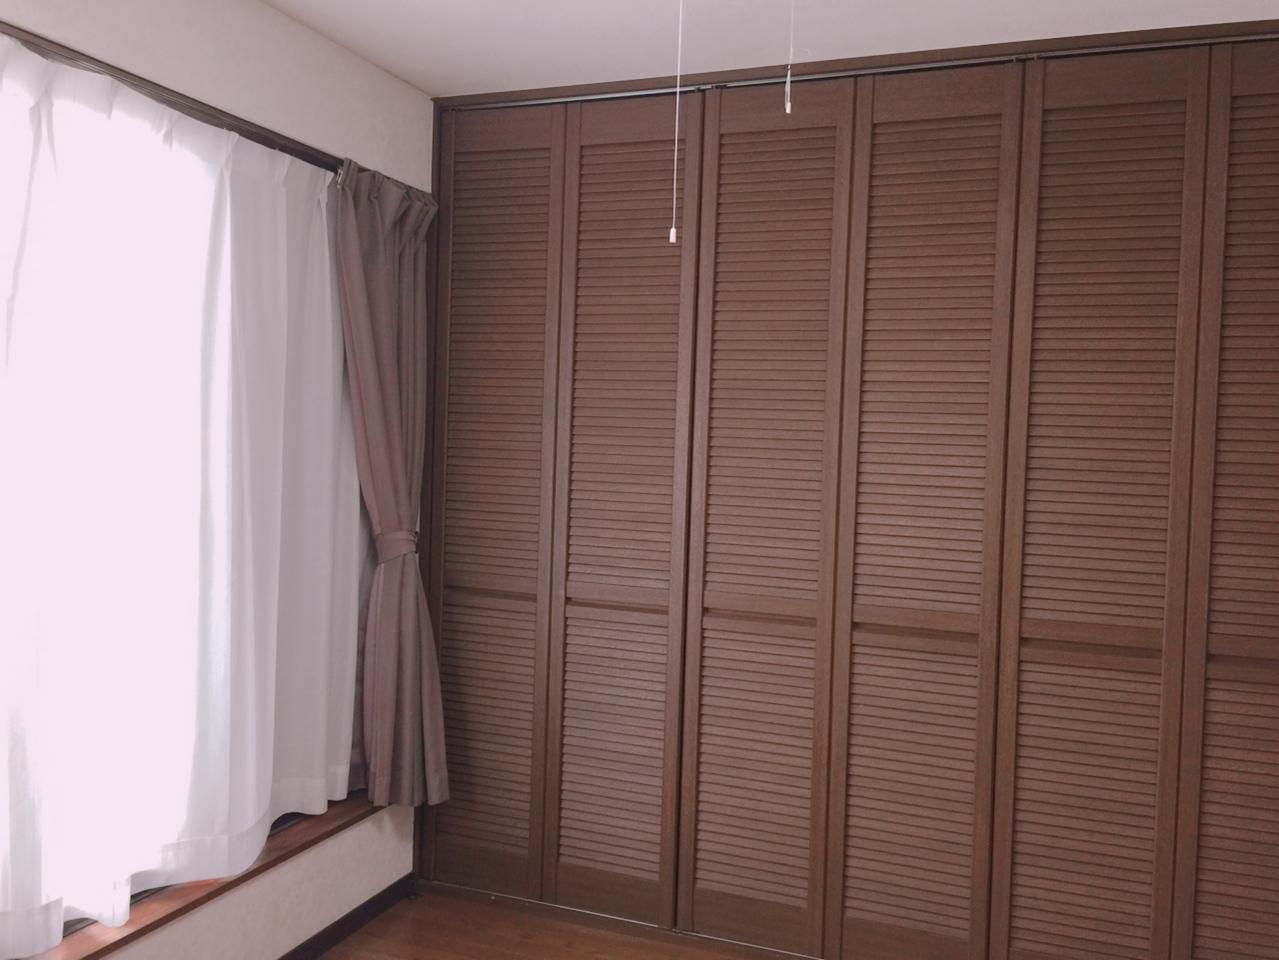 2F 6畳洋室 バルコニーへ出られる洋室は、押入れがあるので家事部屋としてもいいですね